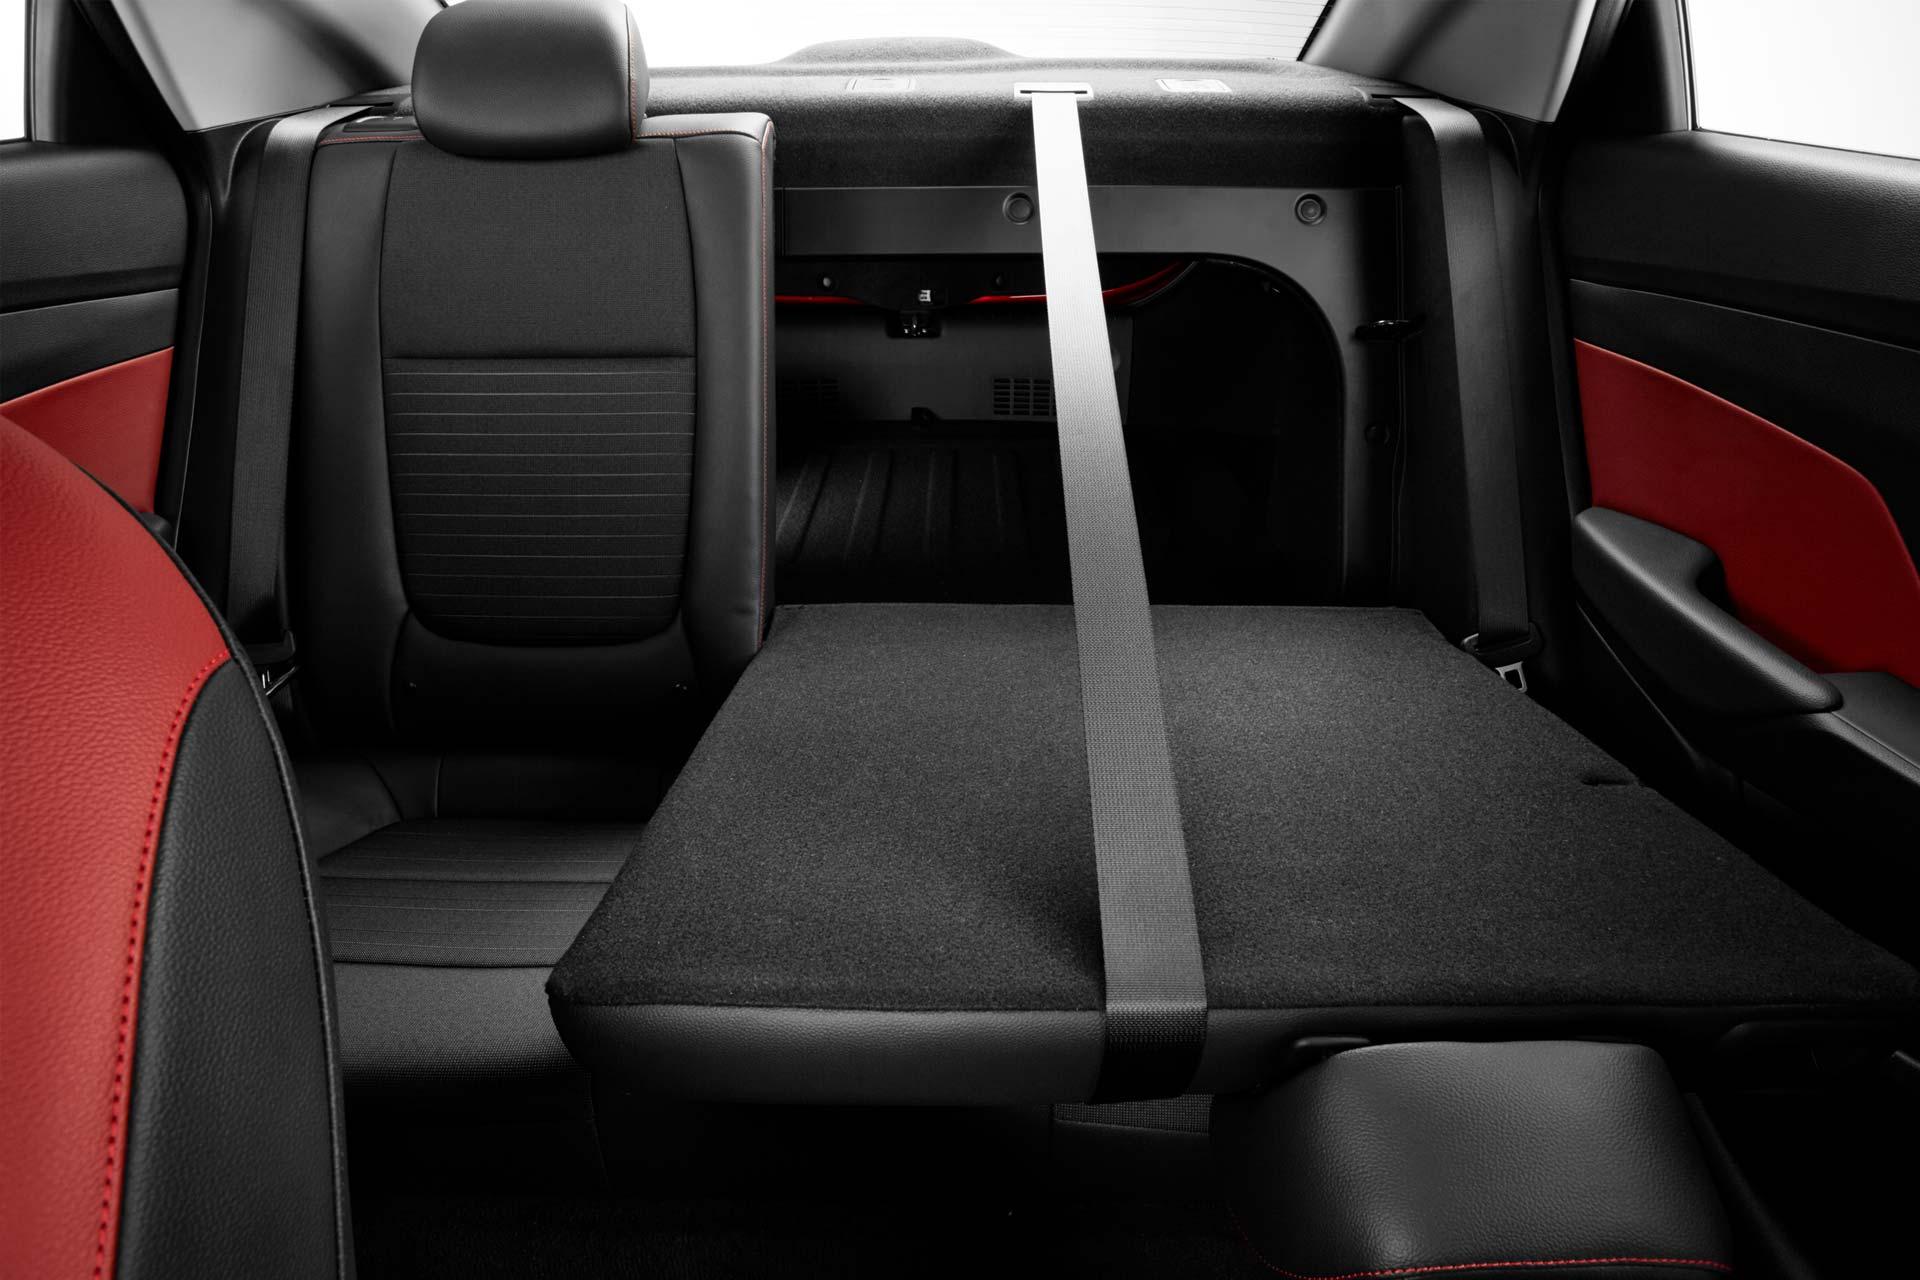 2018-Hyundai-Verna-facelift-interior_7